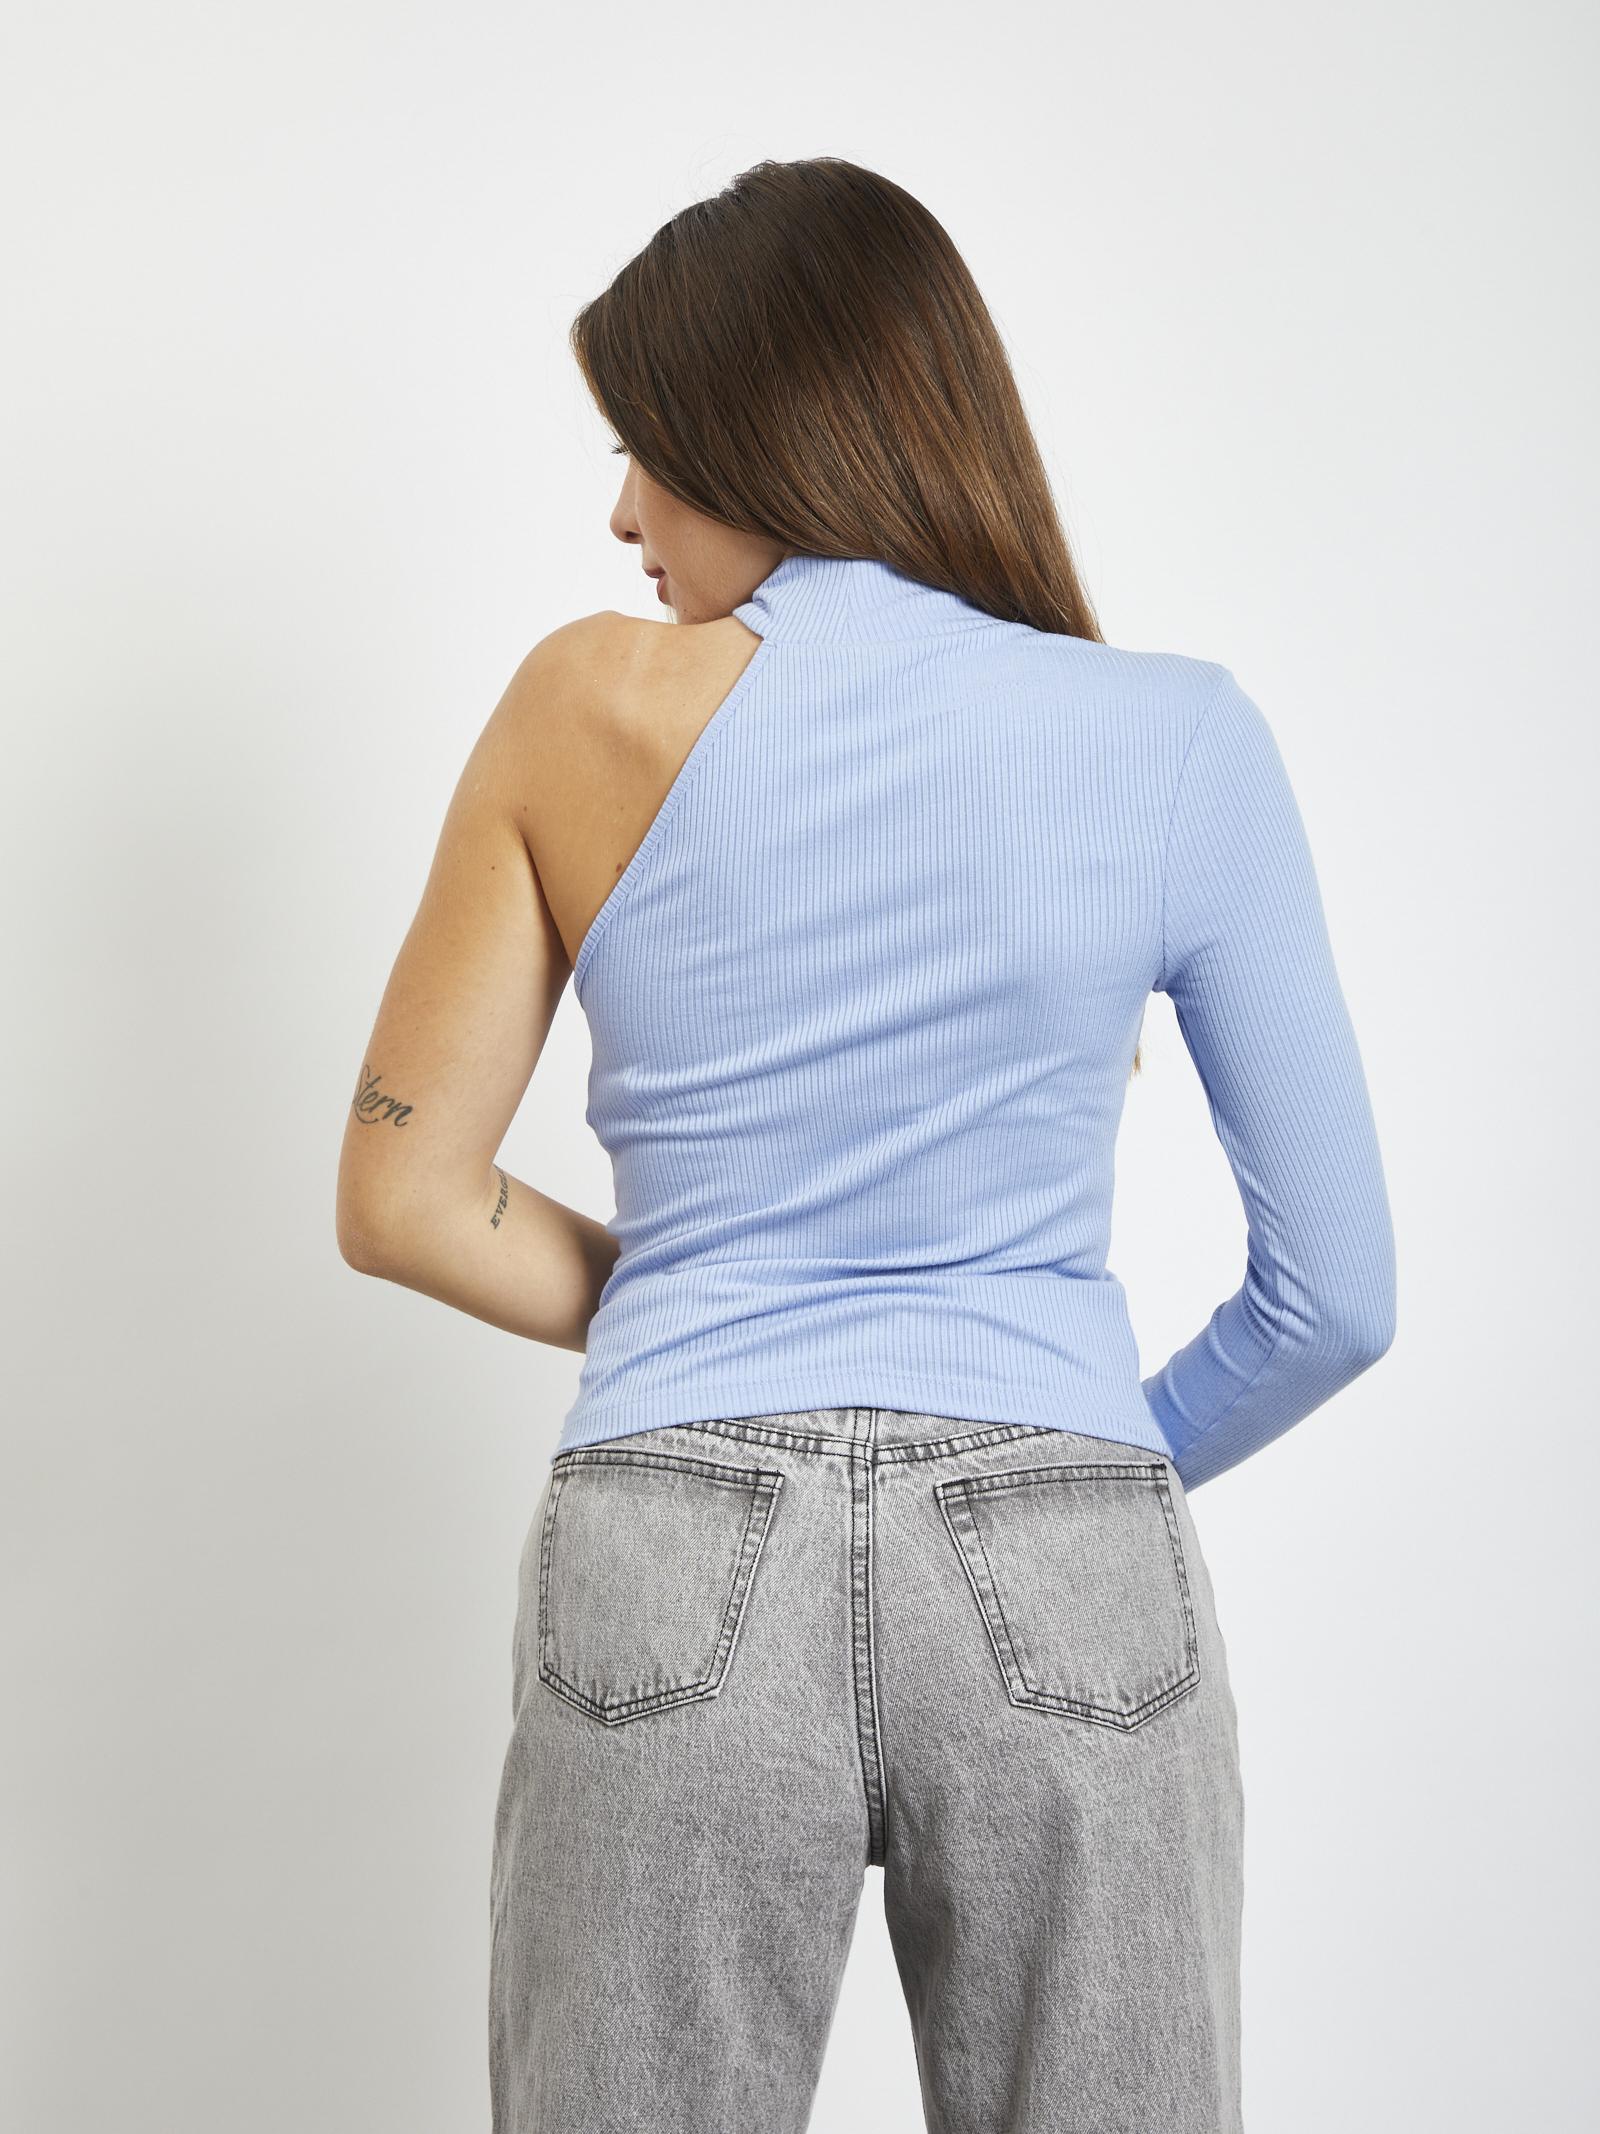 one-shoulder sweater VERO MODA | Sweaters | 10246535CELESTE